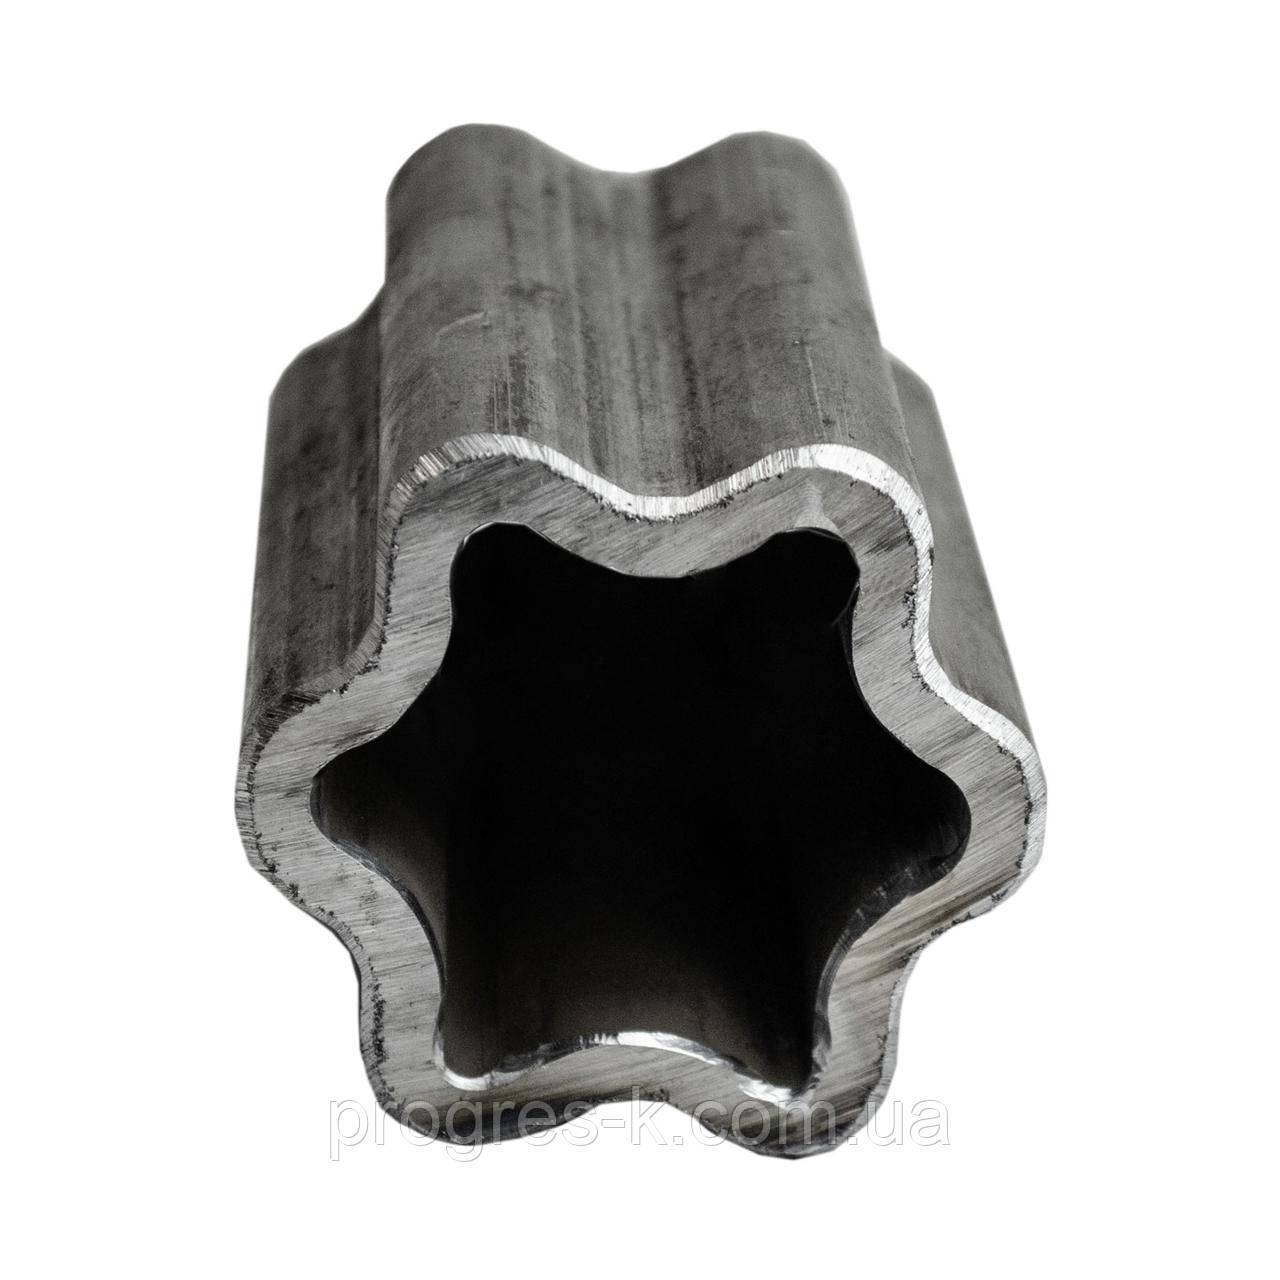 Труба шестигранная наружная S60-Н (м.) (56,8х4,3)